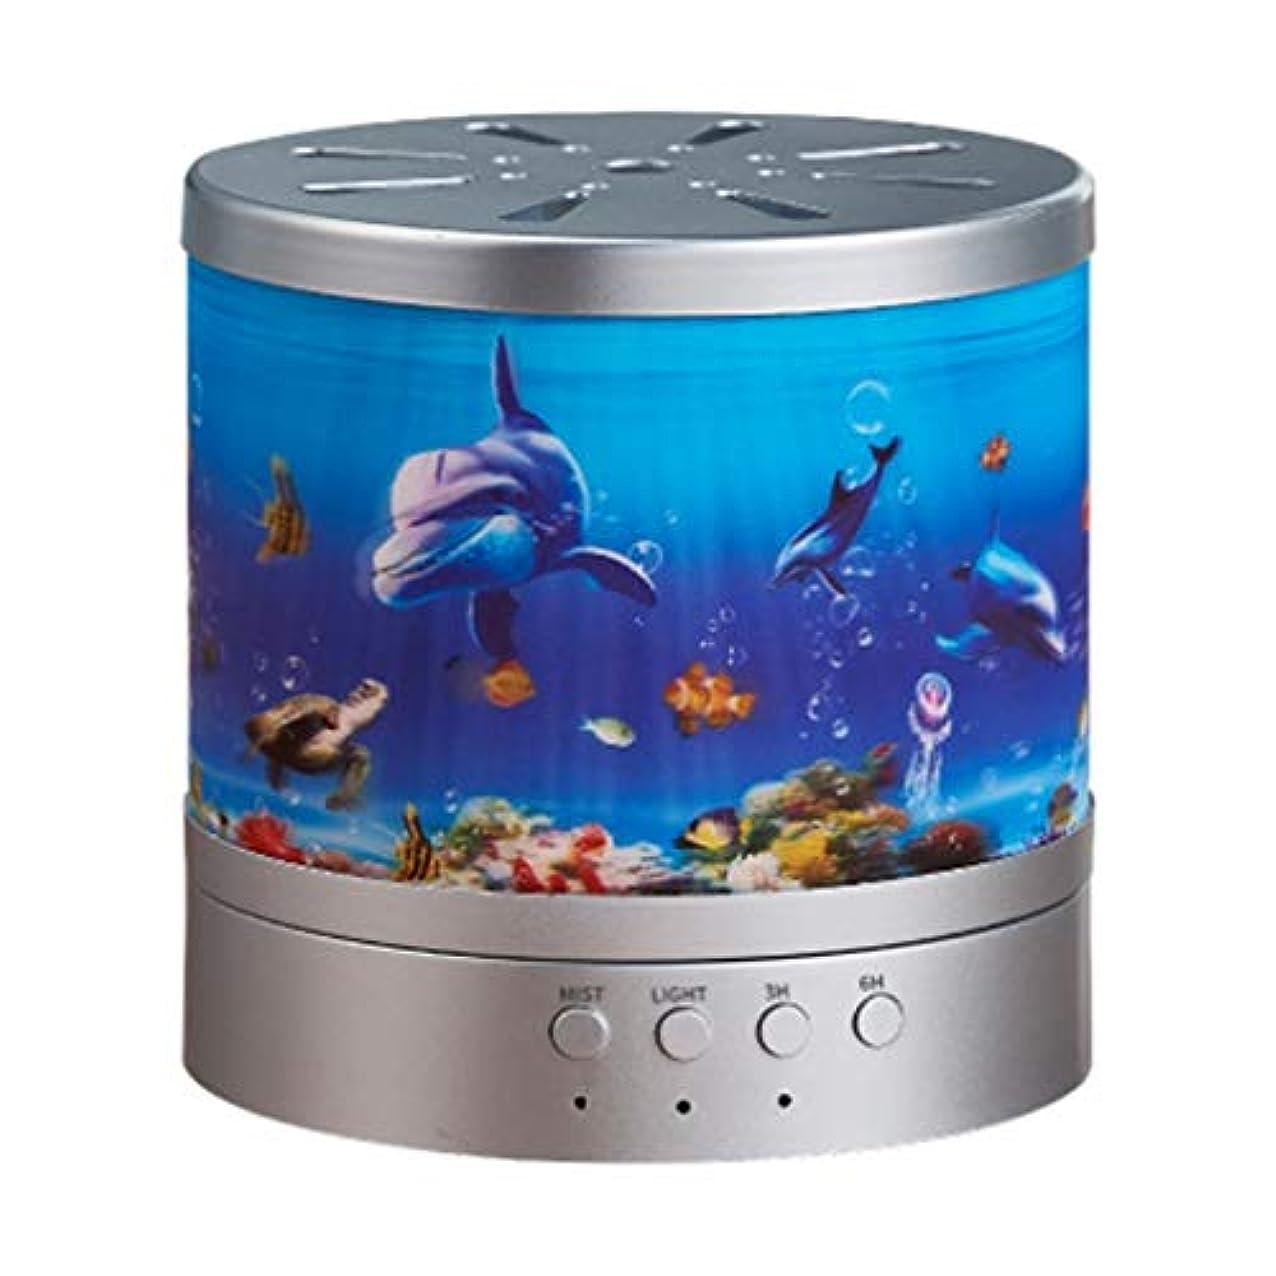 仲間、同僚給料すべき精油のための海洋の主題の拡散器超音波涼しい霧の加湿器、水なしの自動シャットオフおよび7つの色LEDライトは内務省のために変わります (Color : Silver)